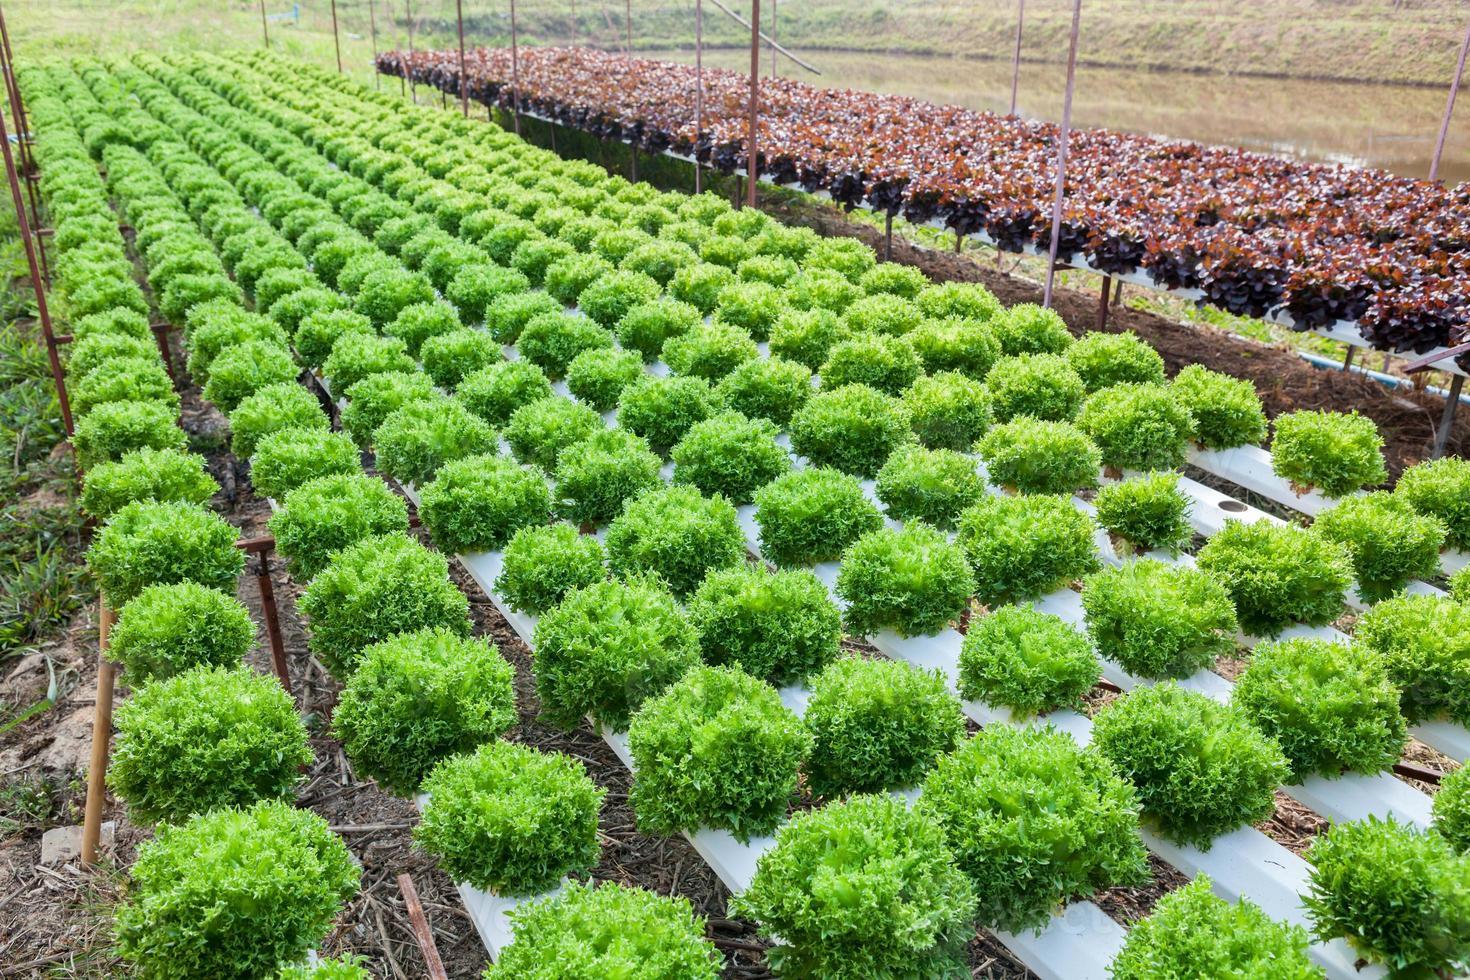 organisk hydroponic grönsaksträdgård foto